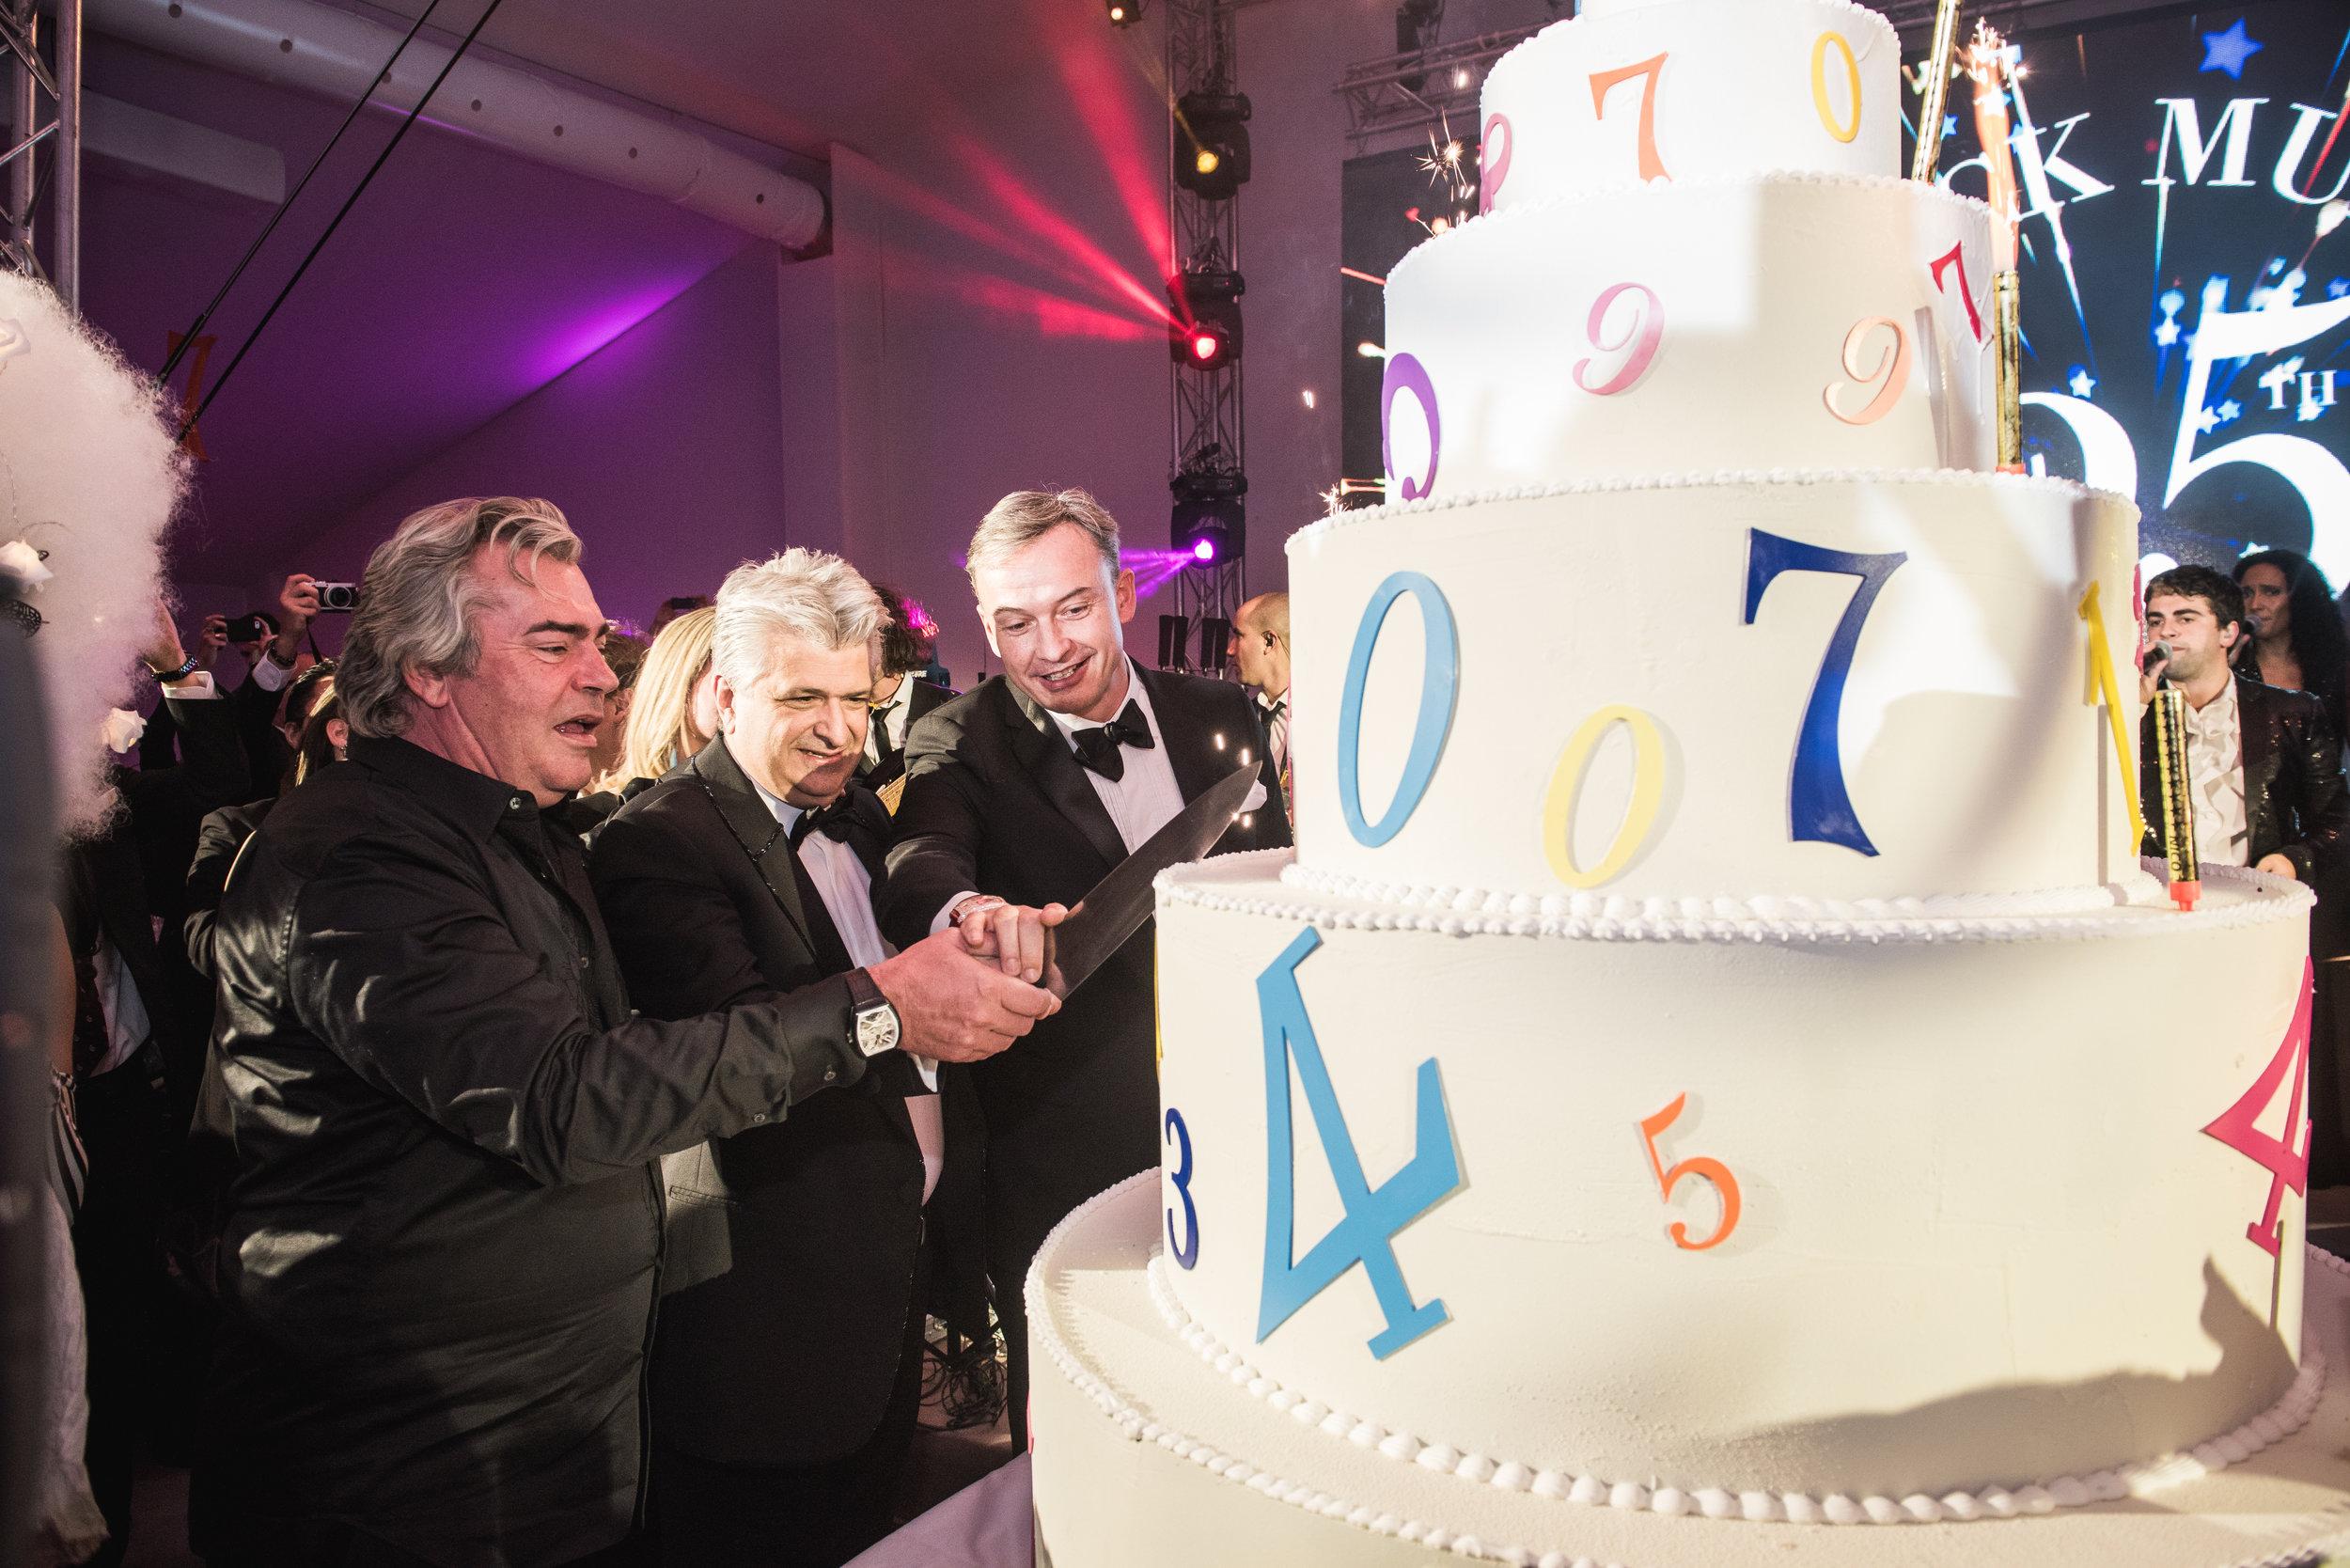 Franck-Muller-Inauguration-Cake.jpg